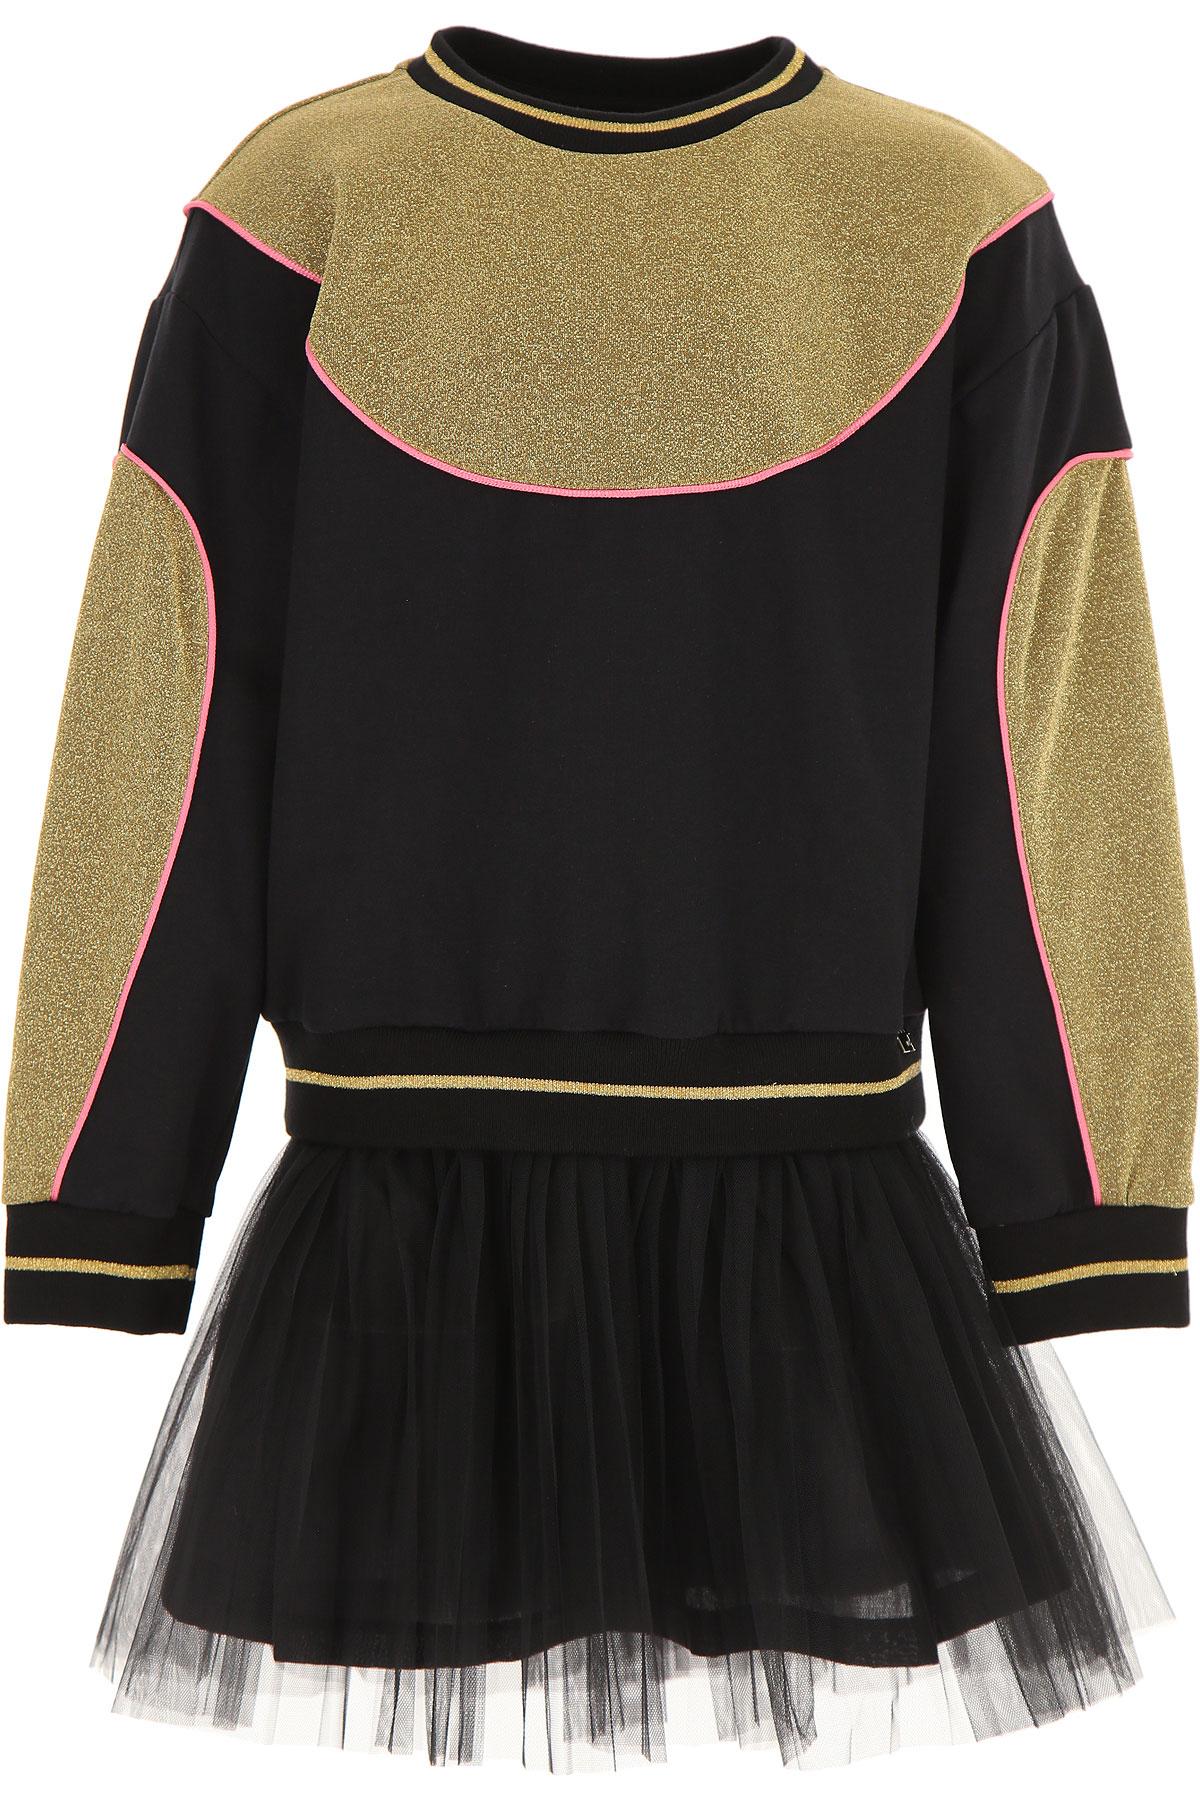 Simonetta Girls Dress On Sale, Black, Cotton, 2019, 4Y 6Y 8Y